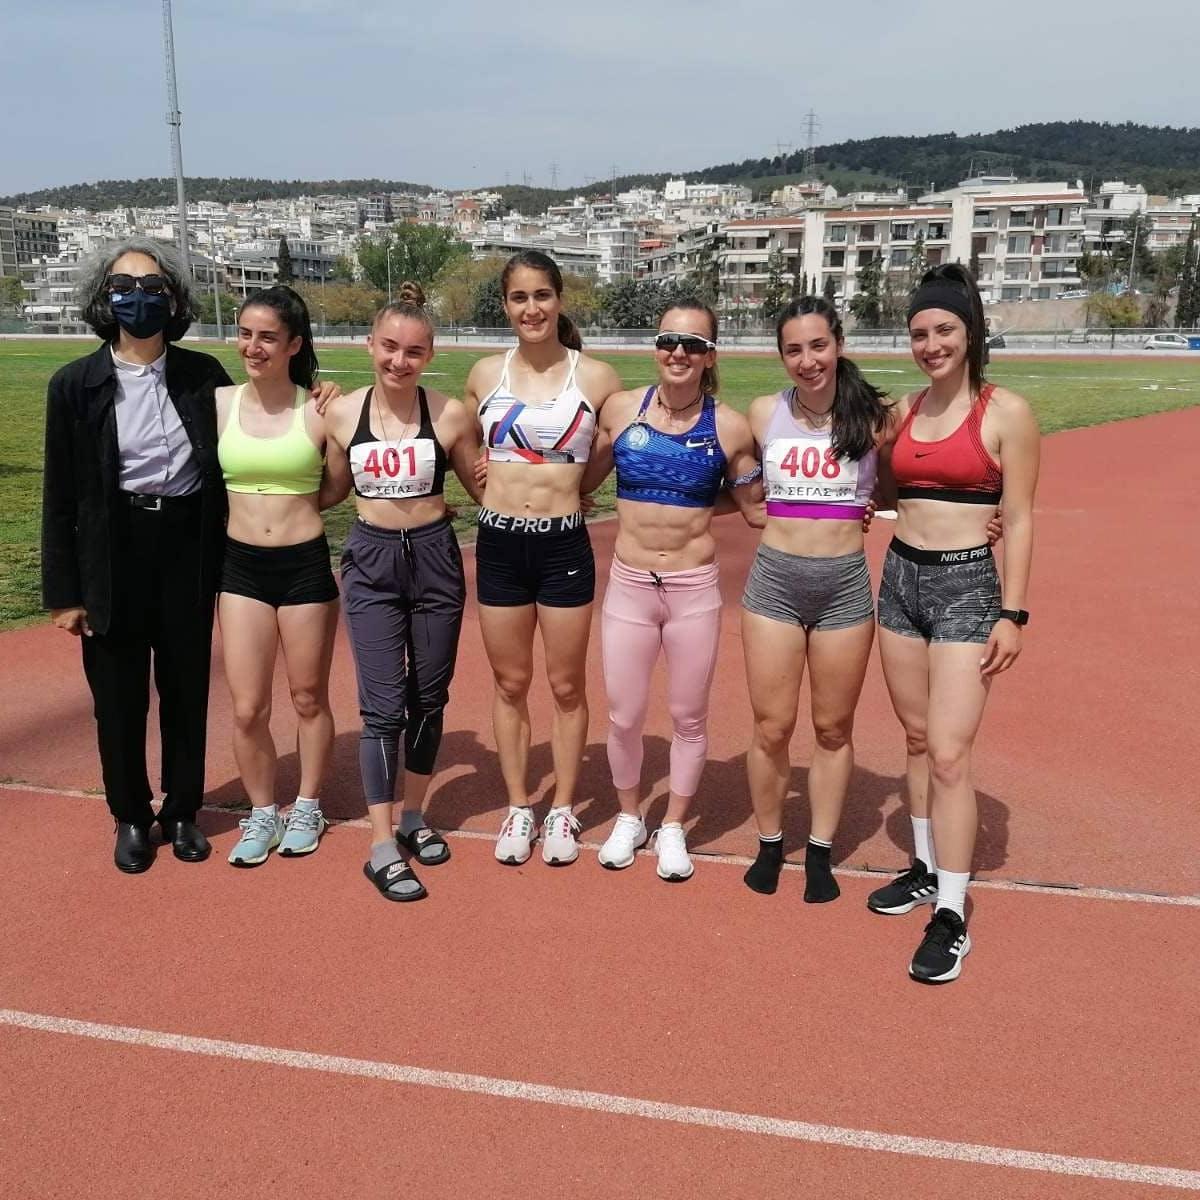 Υφαντίδου και Ανδρέογλου νικητές στα σύνθετα της Θεσσαλονίκης